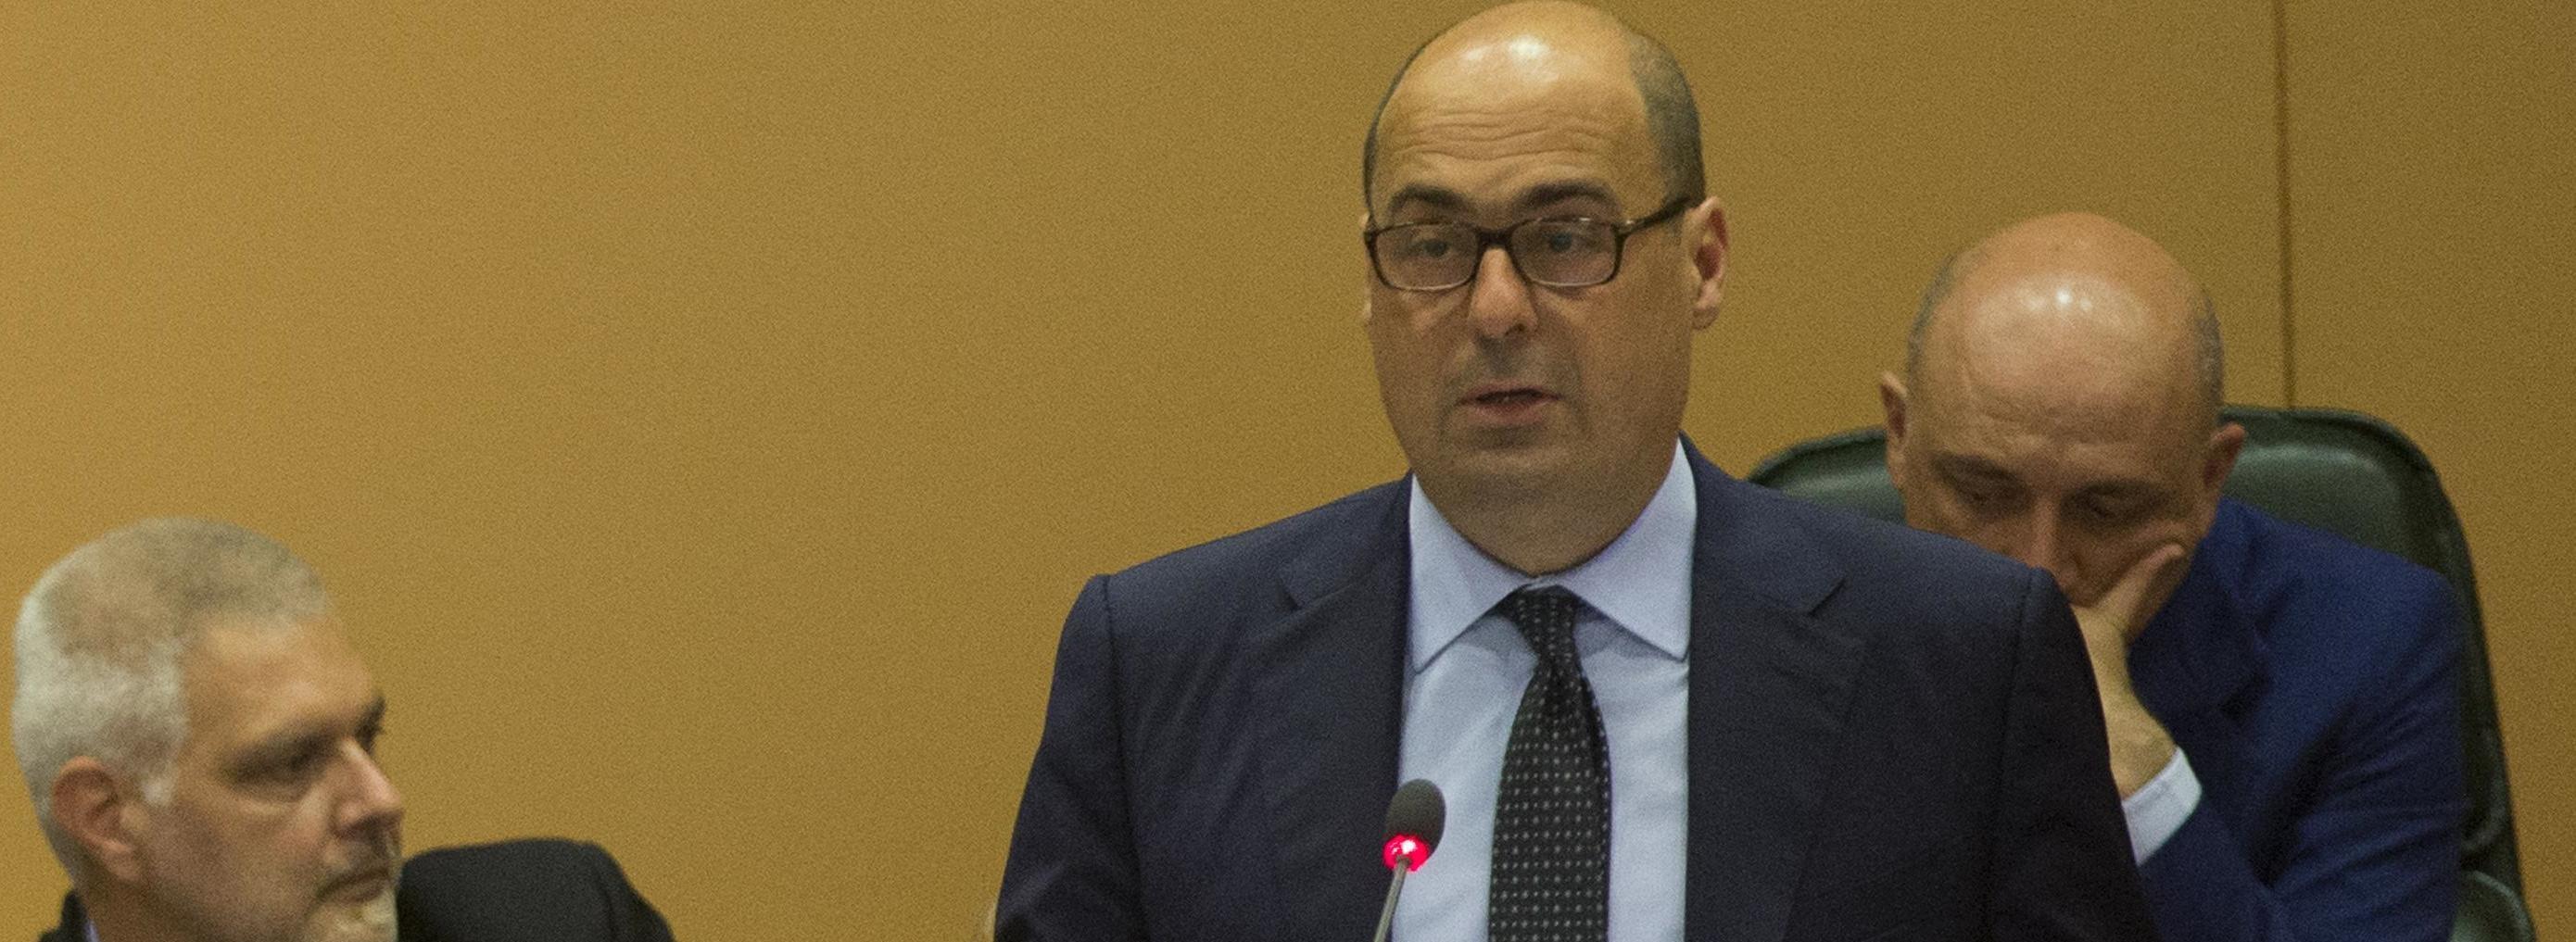 Nicola Zingaretti durante il suo intervento in Regione